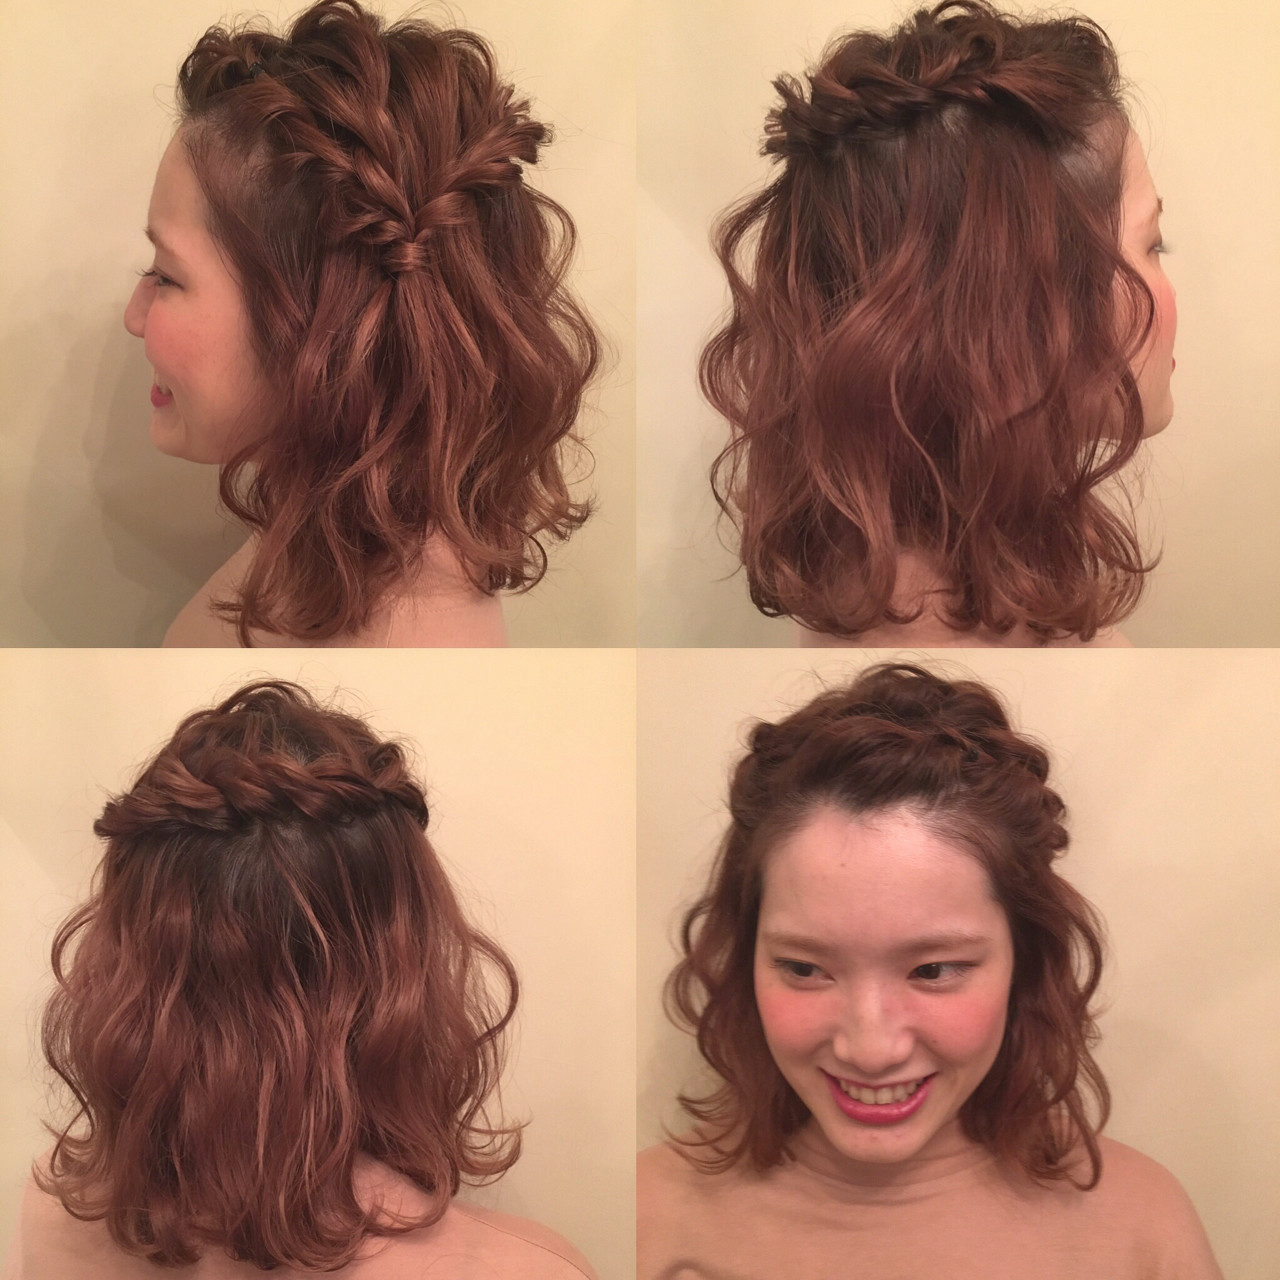 伸びてきた前髪を可愛くするなら?前髪編み込みにチャレンジ♡ 永川真子/AGREE calling